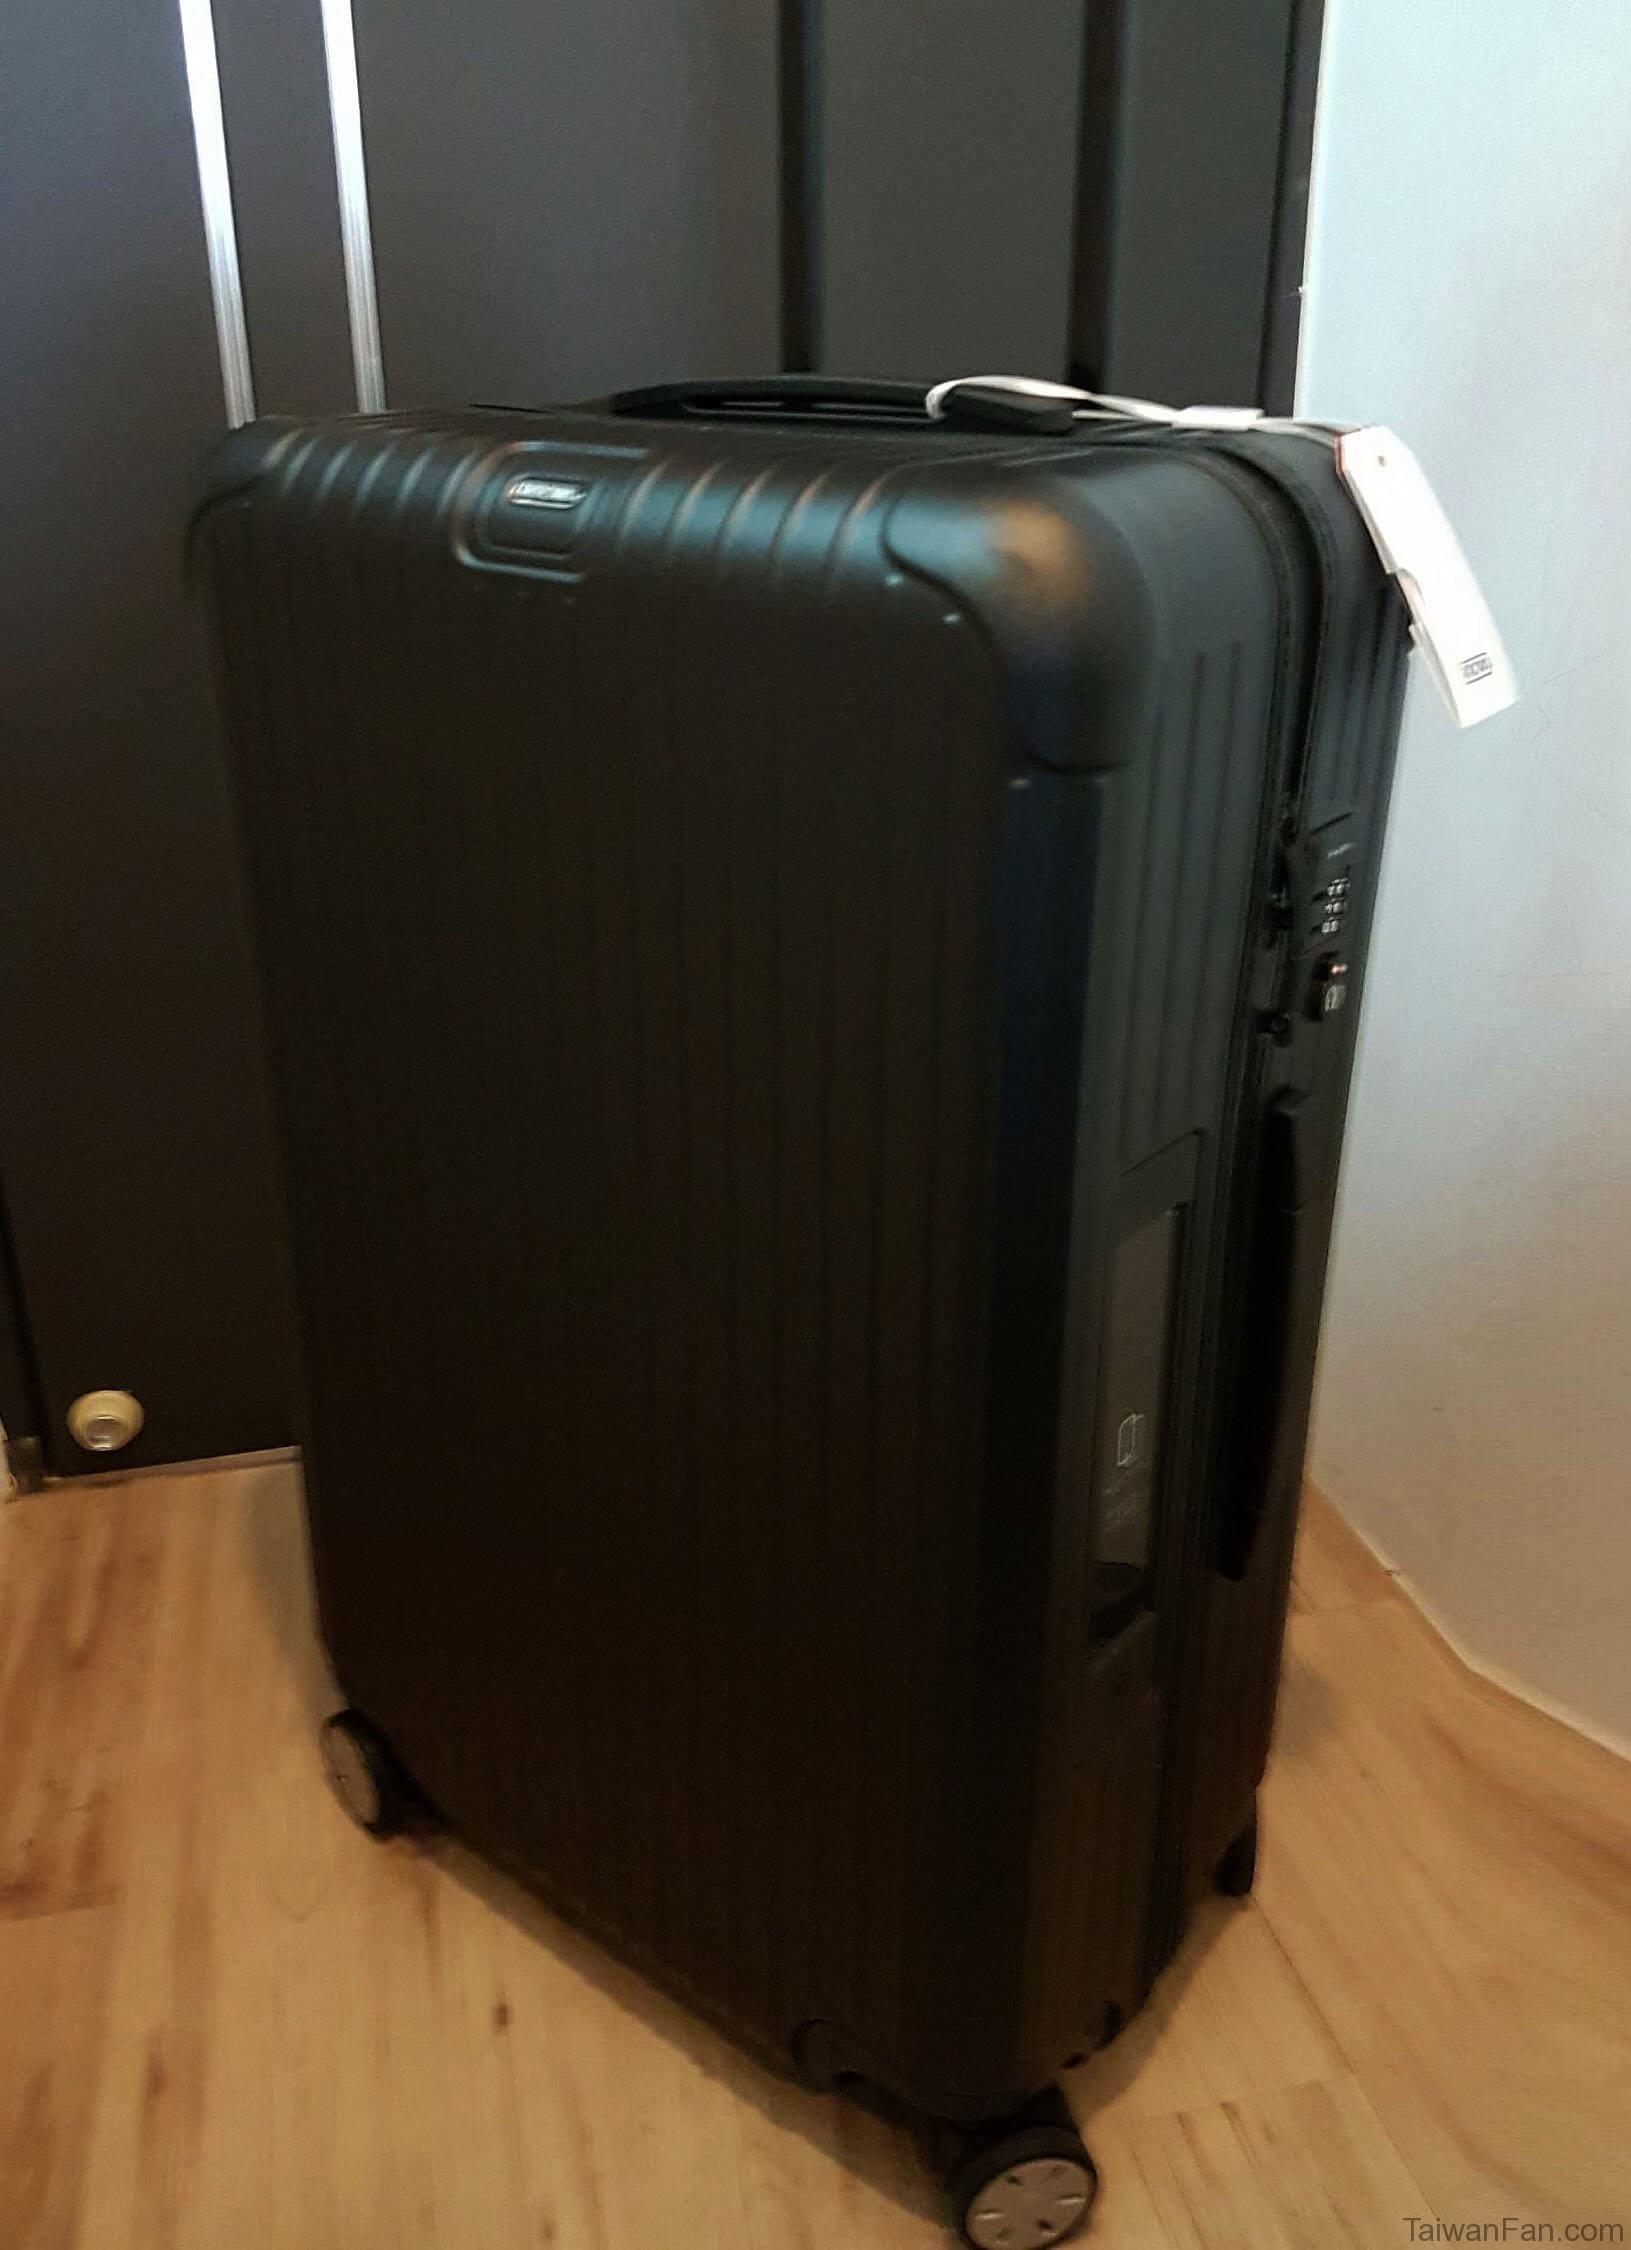 台湾でリモワのスーツケースを買うと日本より比べて少し安く買えますよ!